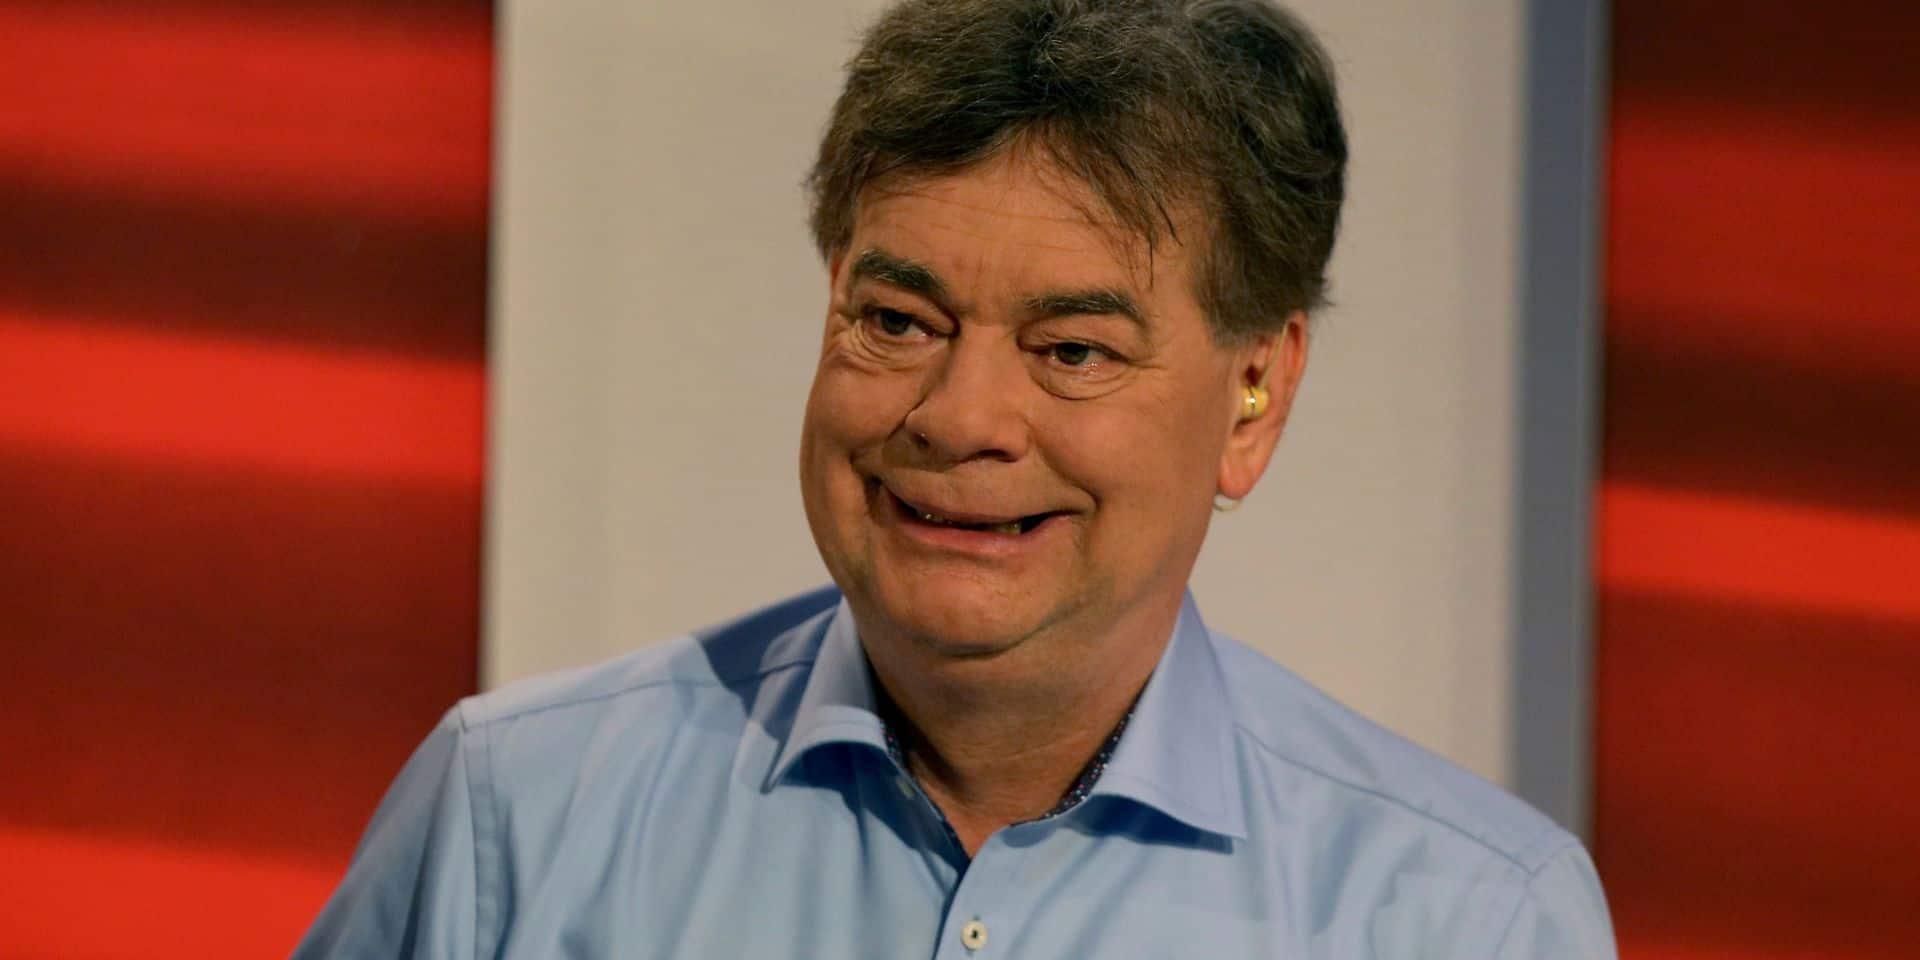 Qui est Werner Kogler, le chef du parti des Verts autrichiens ?